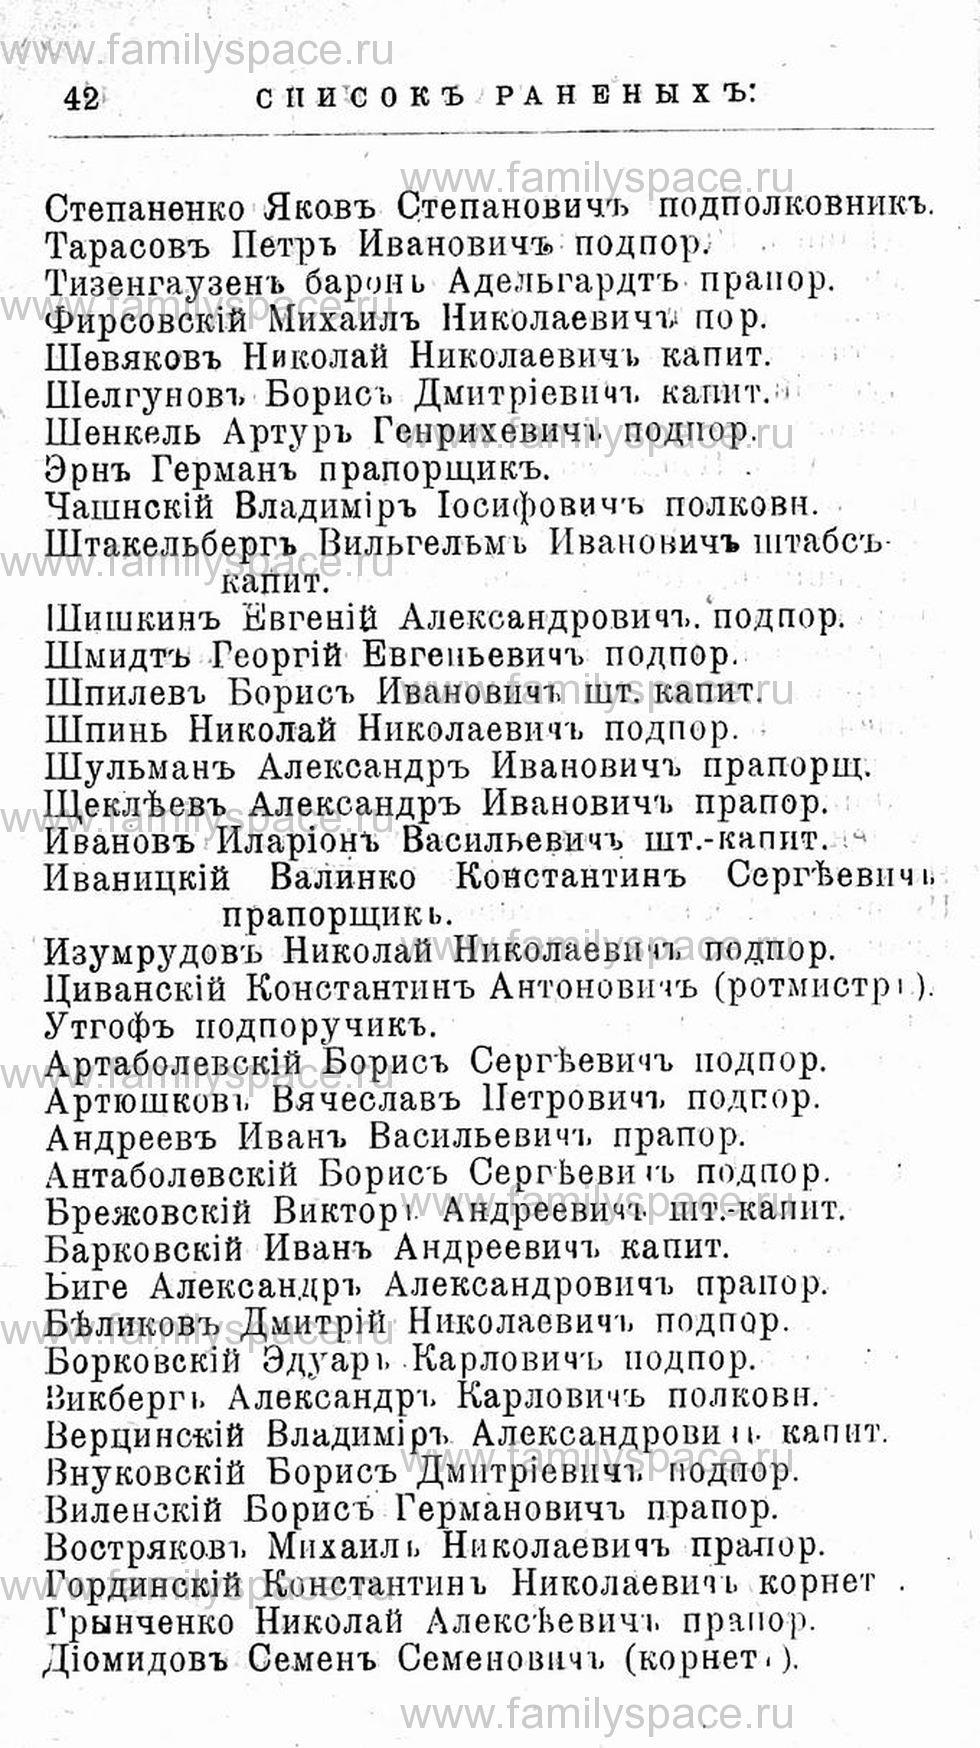 Поиск по фамилии - Первая мировая война - 1914 (списки убитых и раненых), страница 42